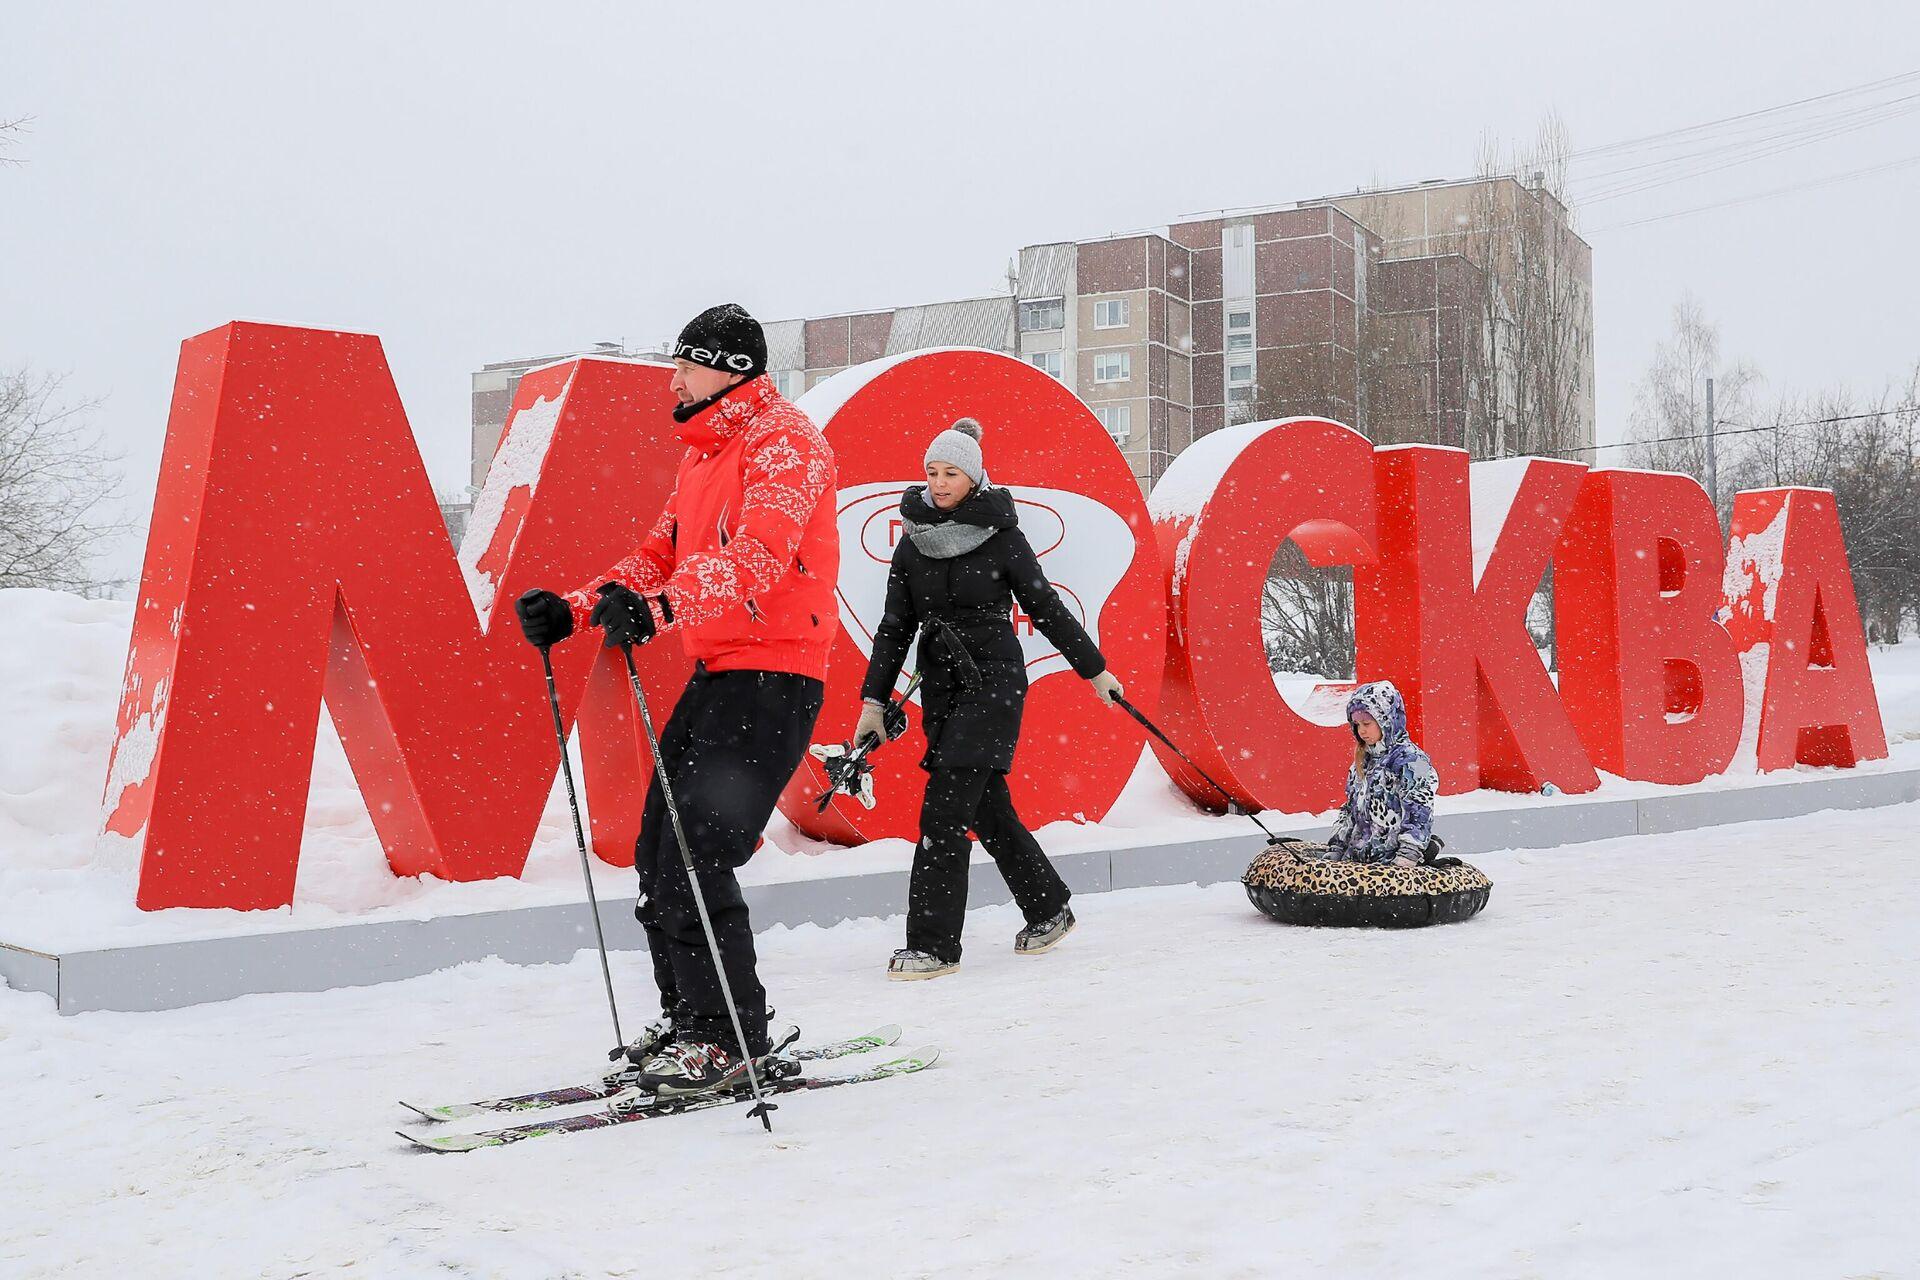 Семья во время прогулки в снежную погоду - РИА Новости, 1920, 05.04.2021